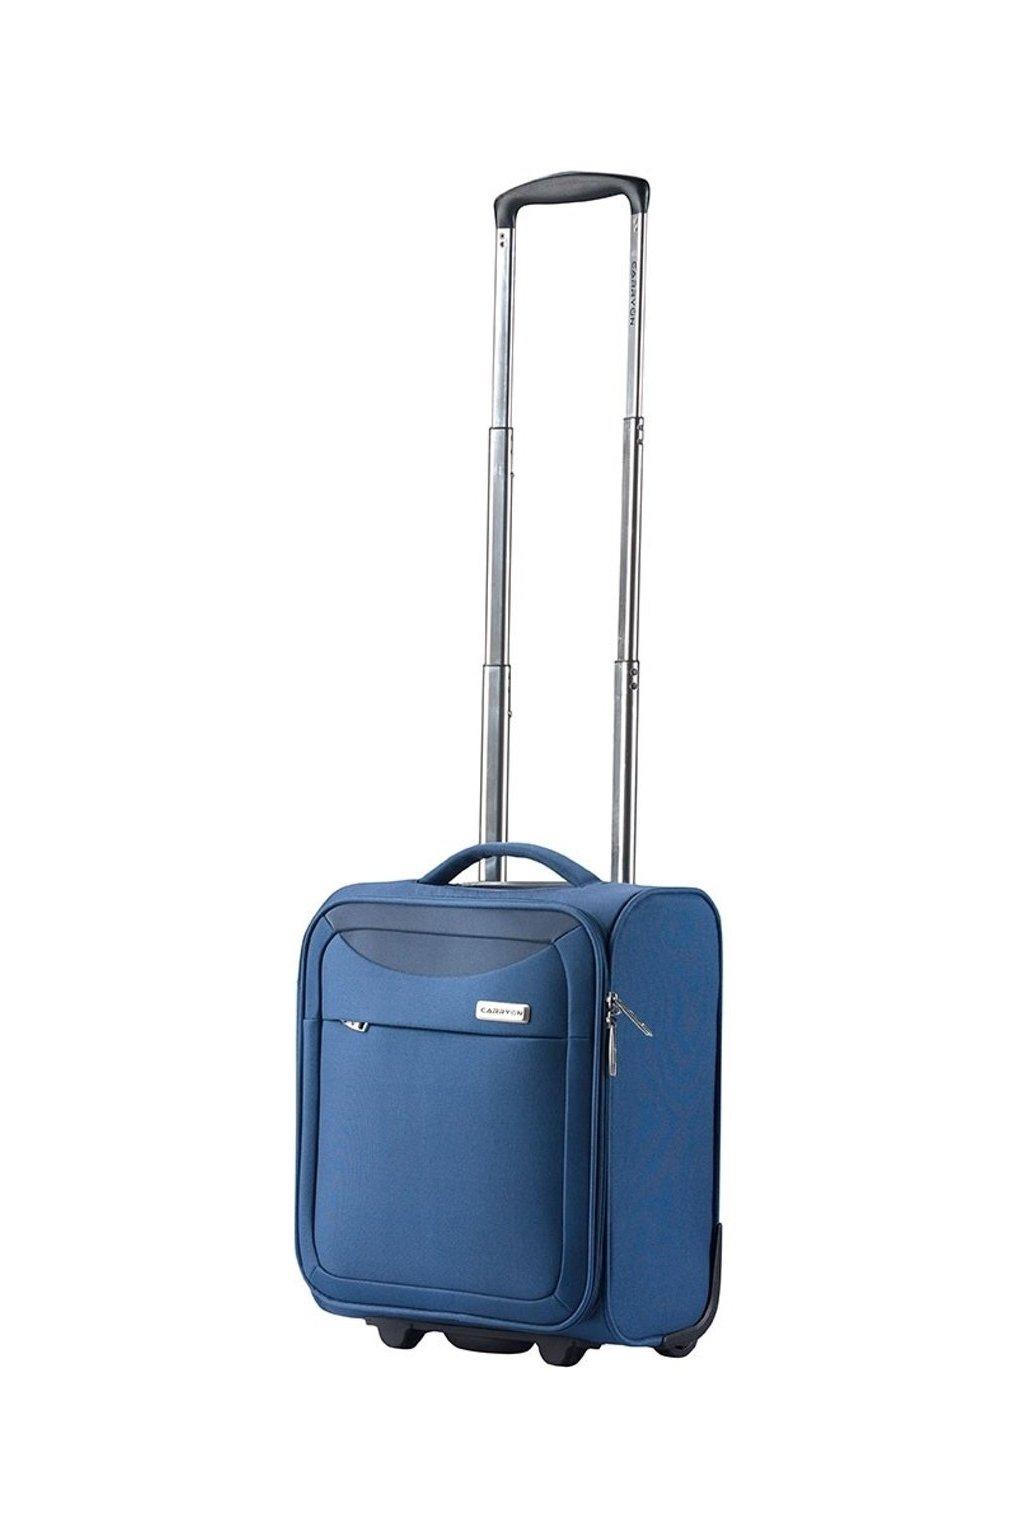 kufrland carryon airunderseat blue (1)